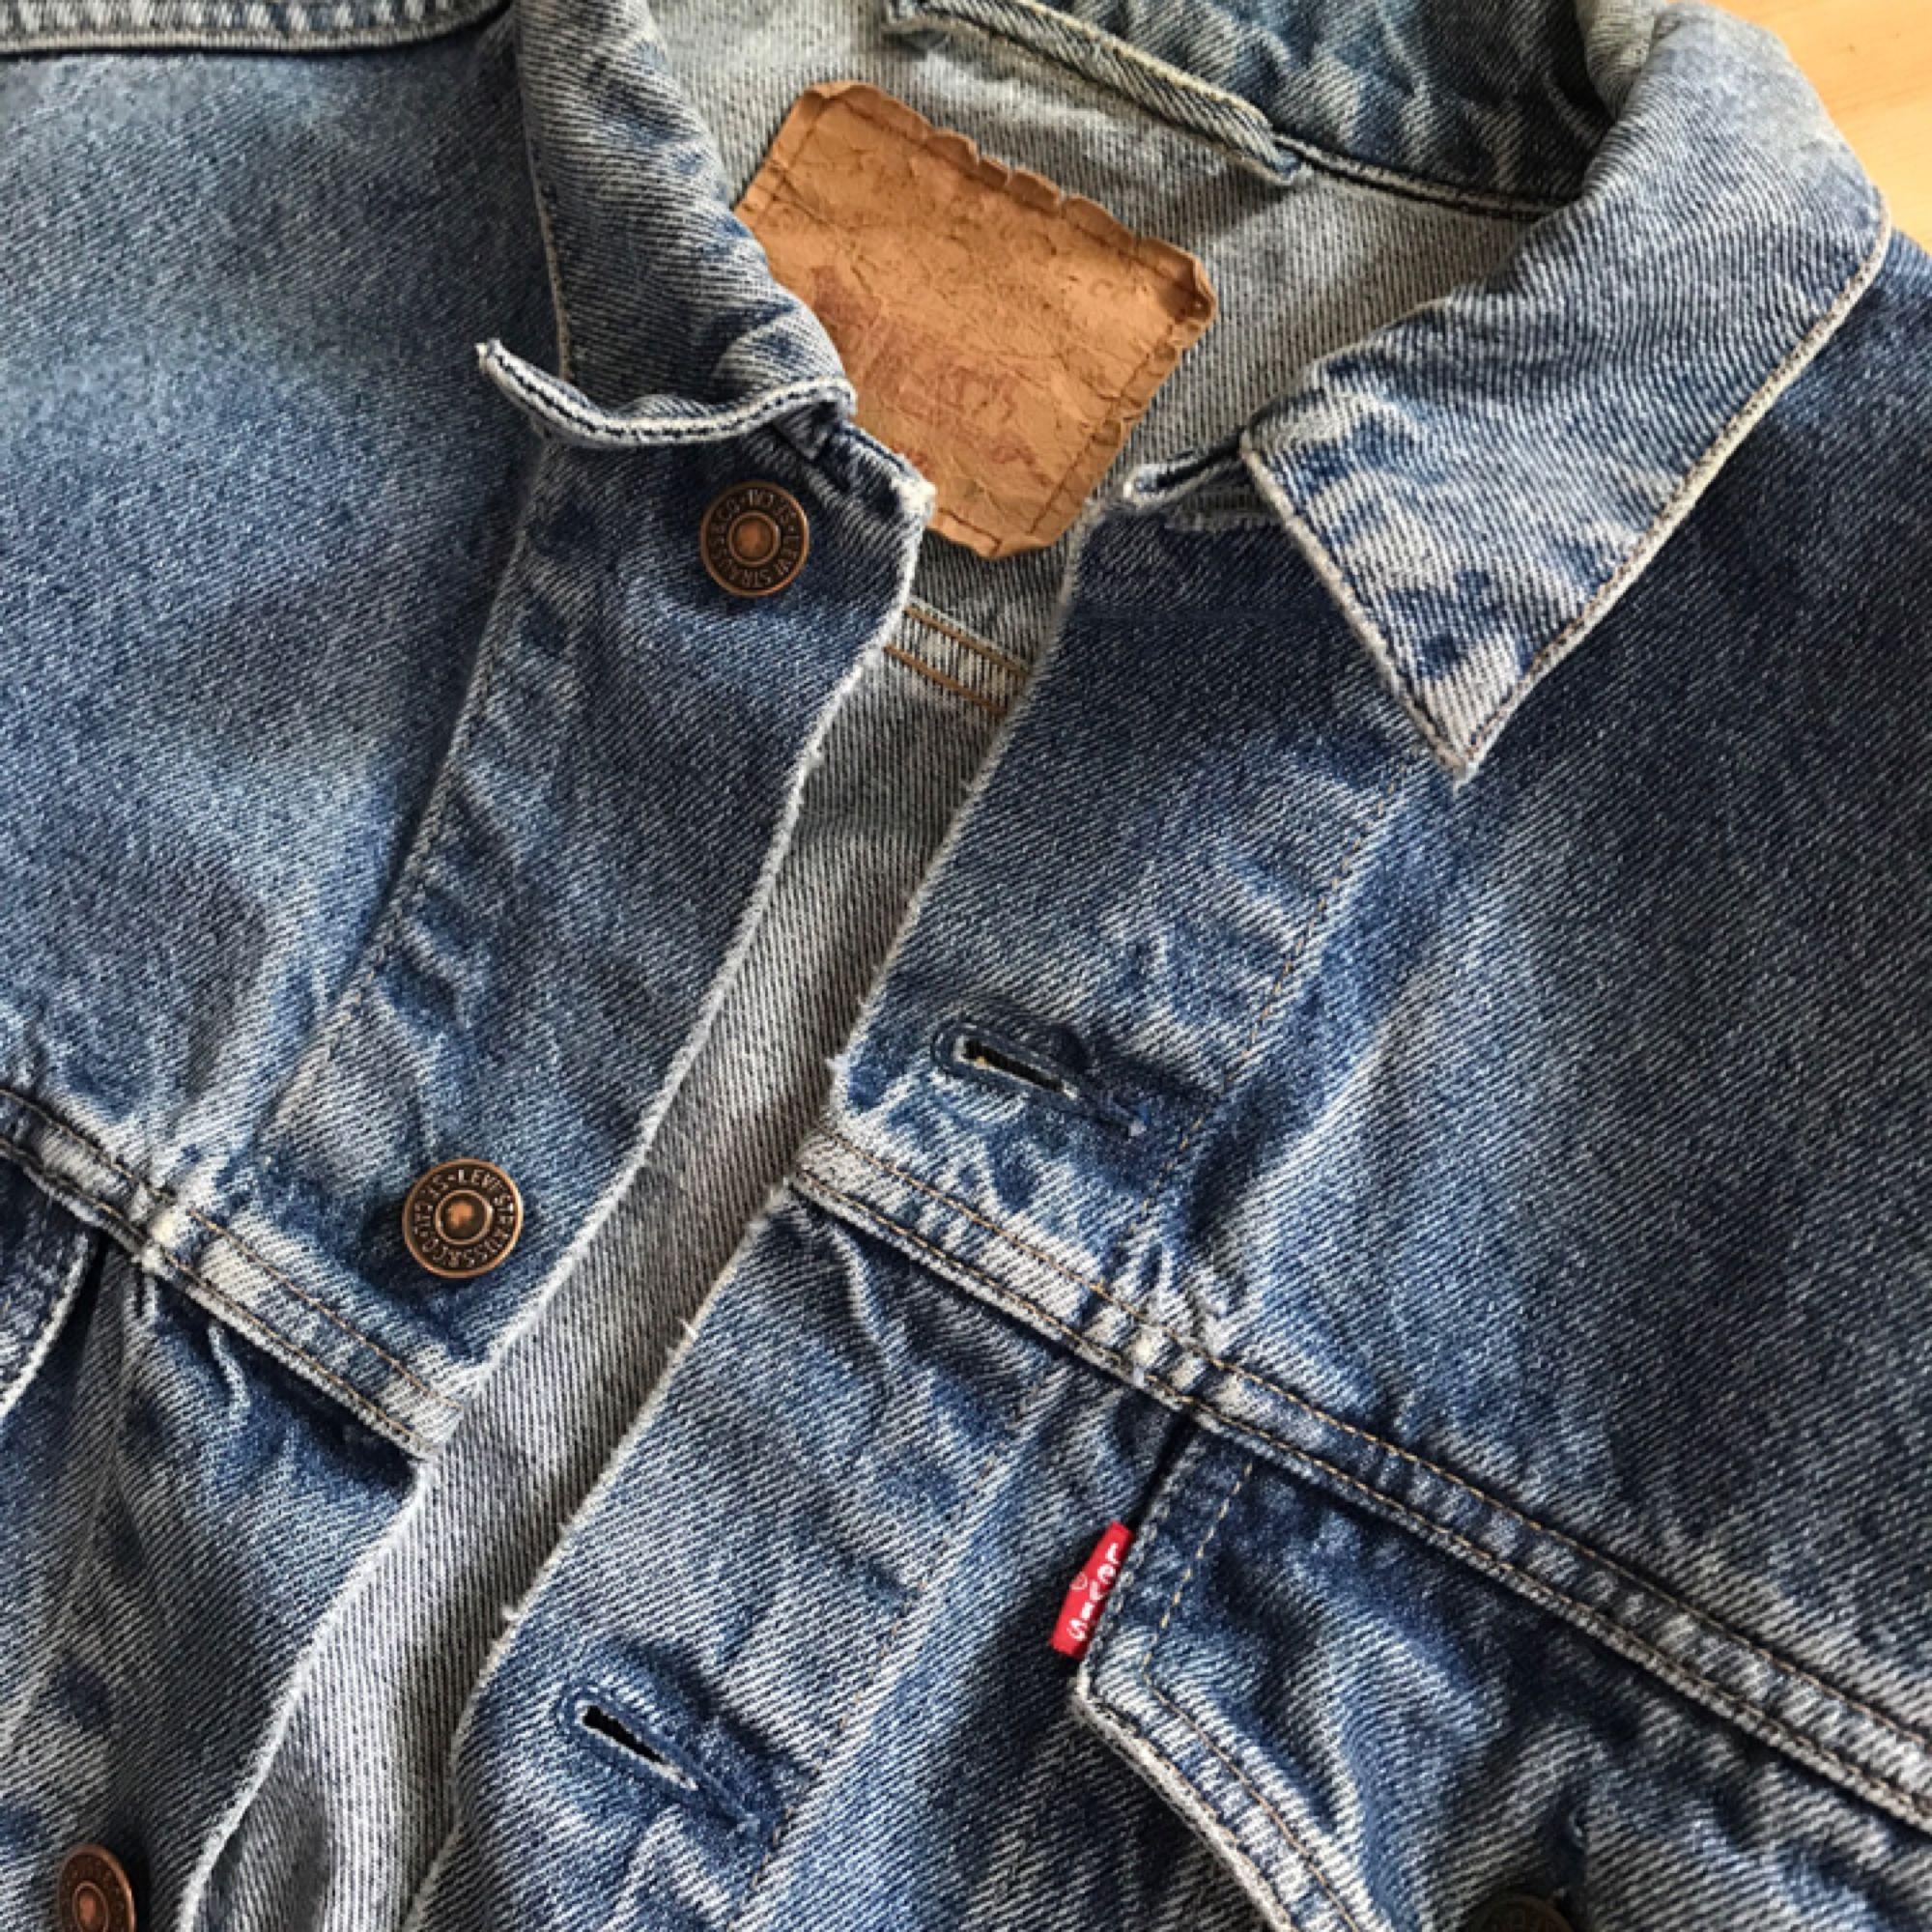 b06a42a1ab59 Hämtas i Vintage 80-tals jeansjacka från Levis. 70503. Trevligt slitet  skick. Hämtas i